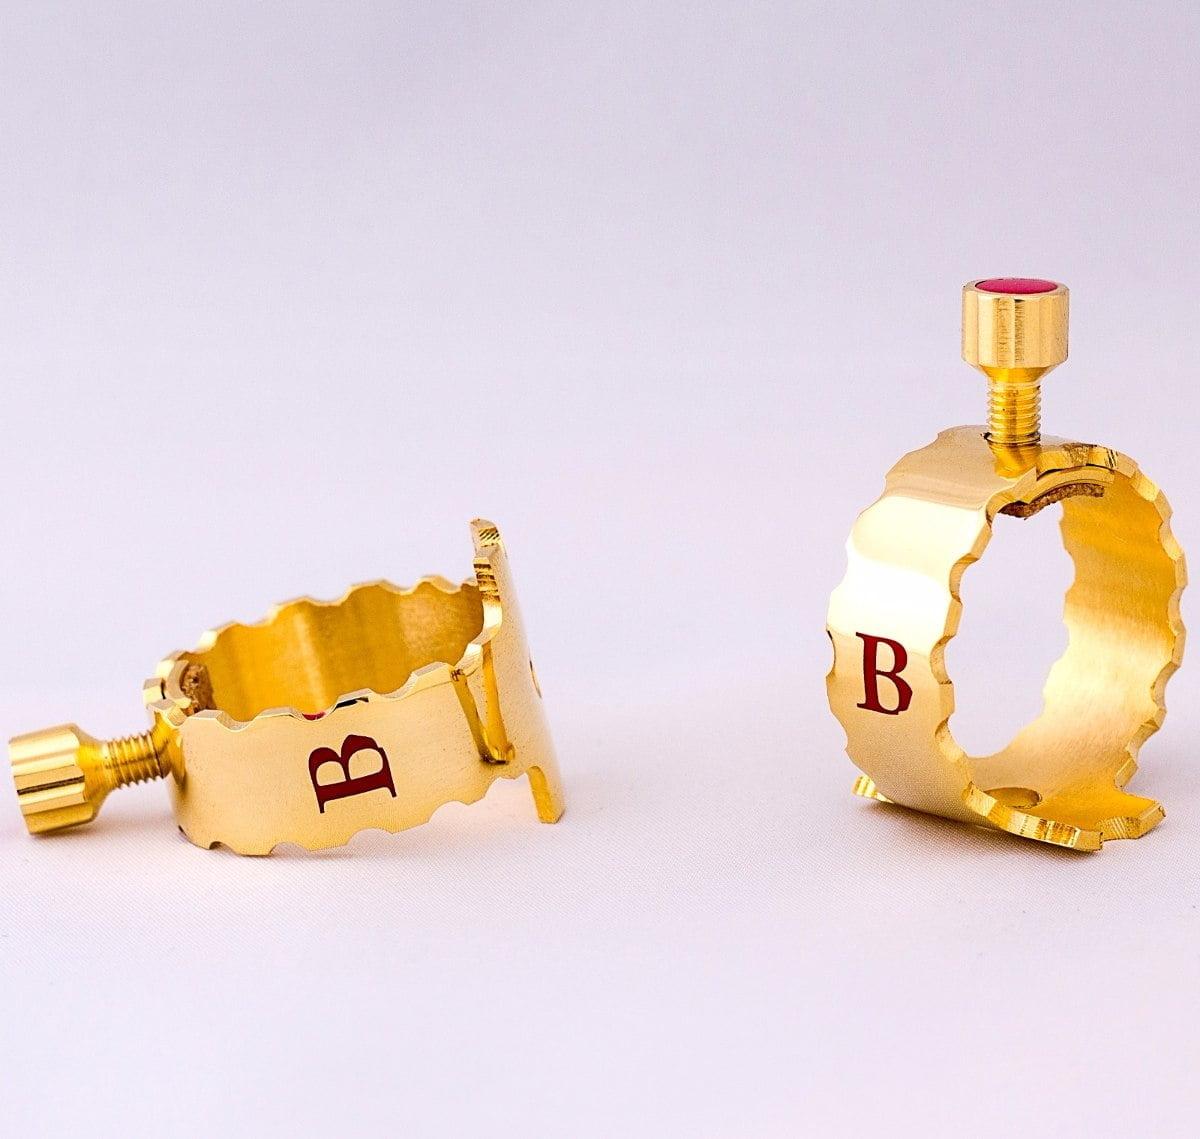 Abraçadeira Barkley Alliance Gold Sax Alto Metal